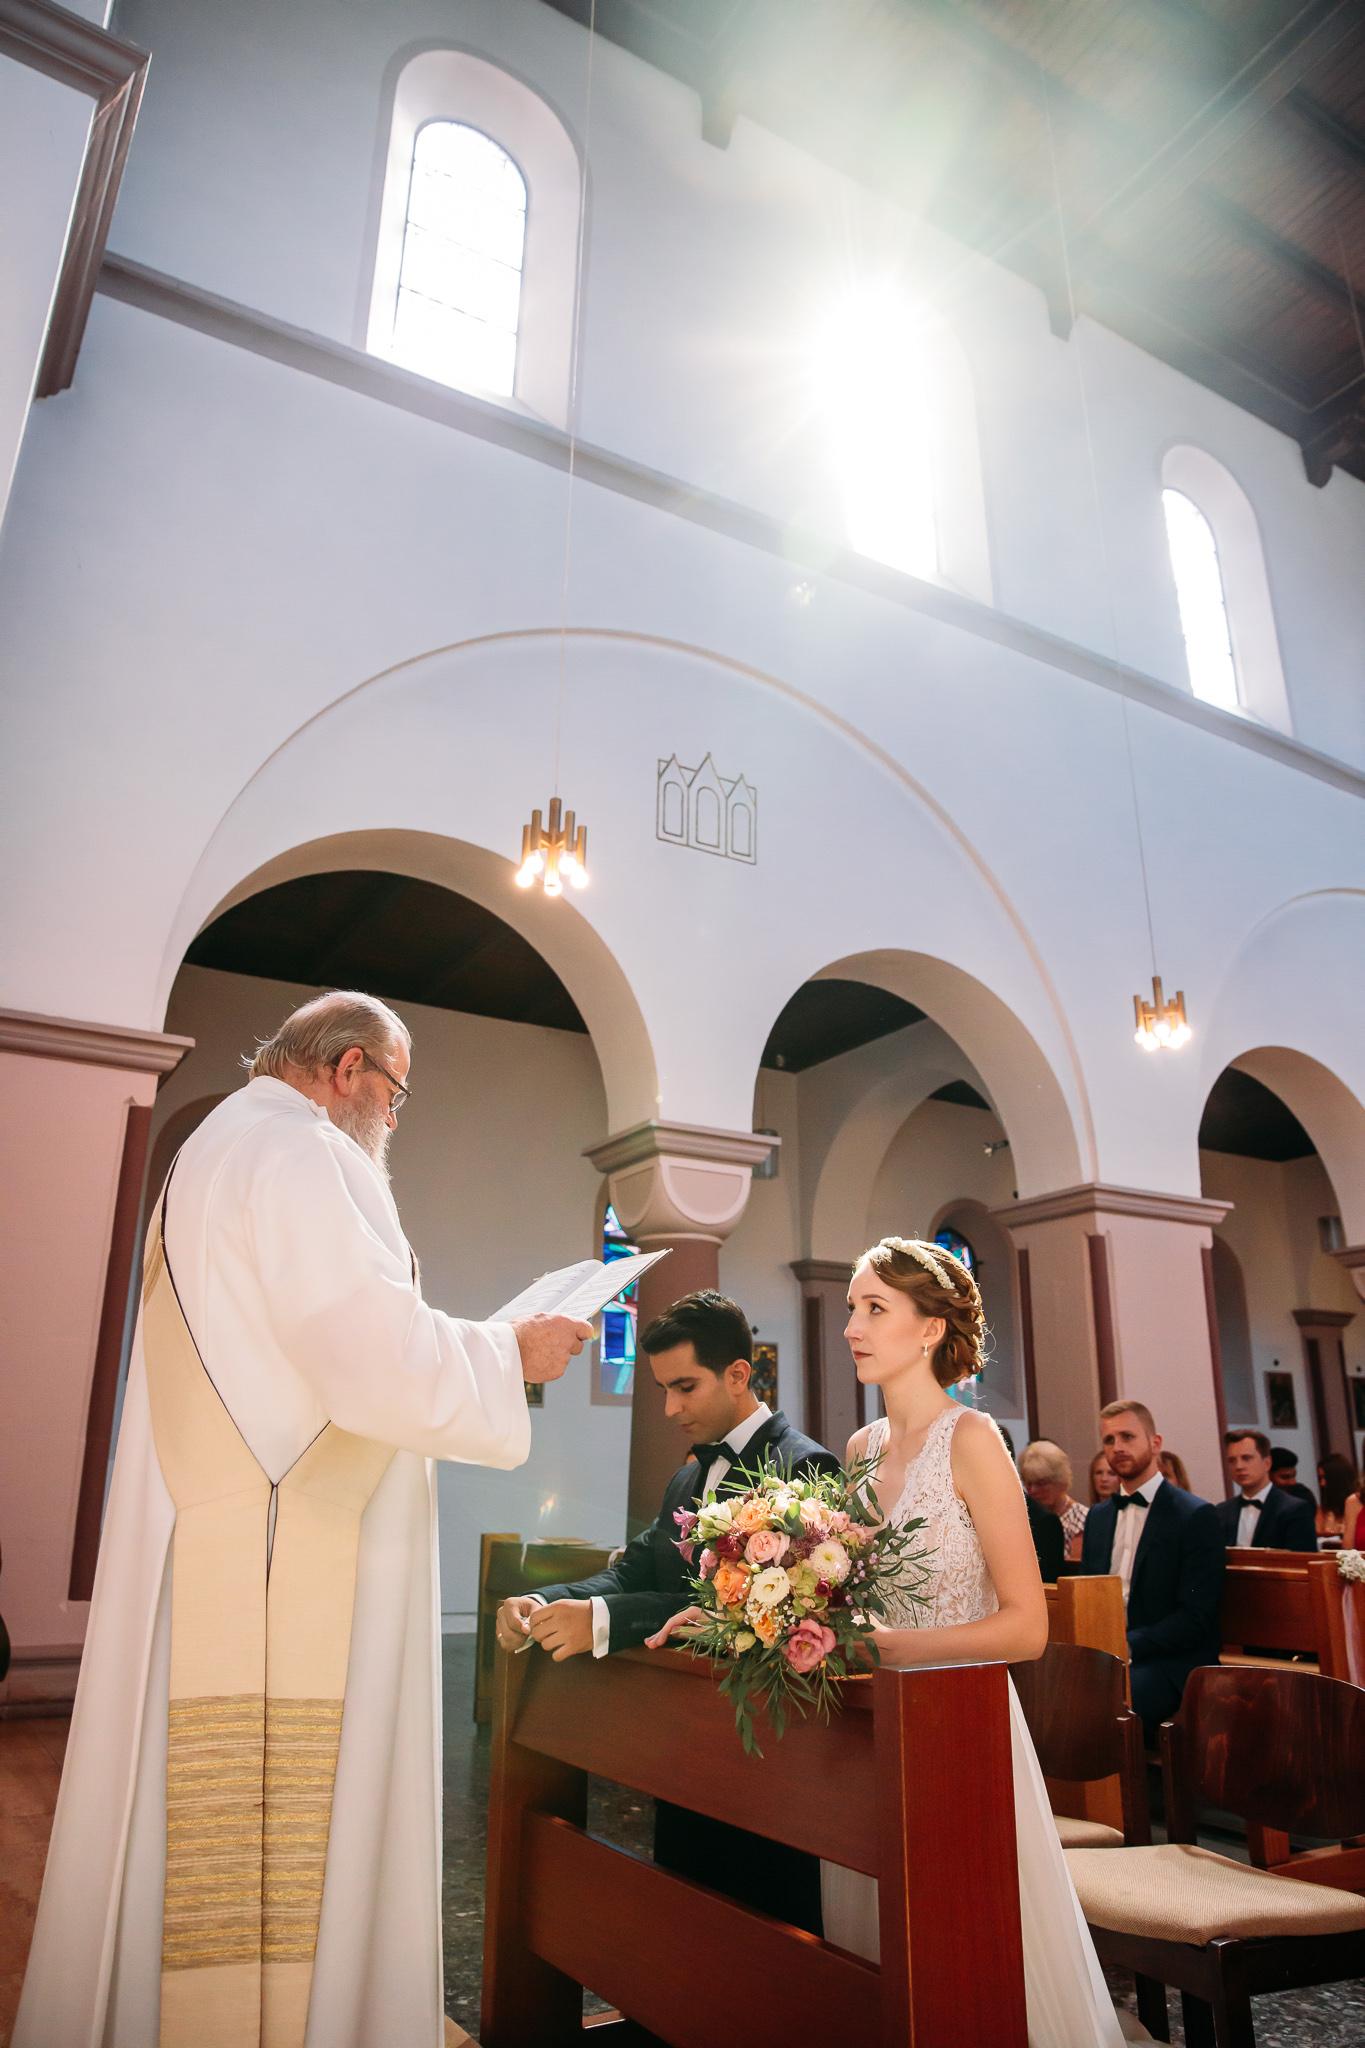 190824_Kirchliche_Hochzeit_Niedersachsen_Northeim_Freigeist_A+H_JFRcreatives_Prev_0010.jpg